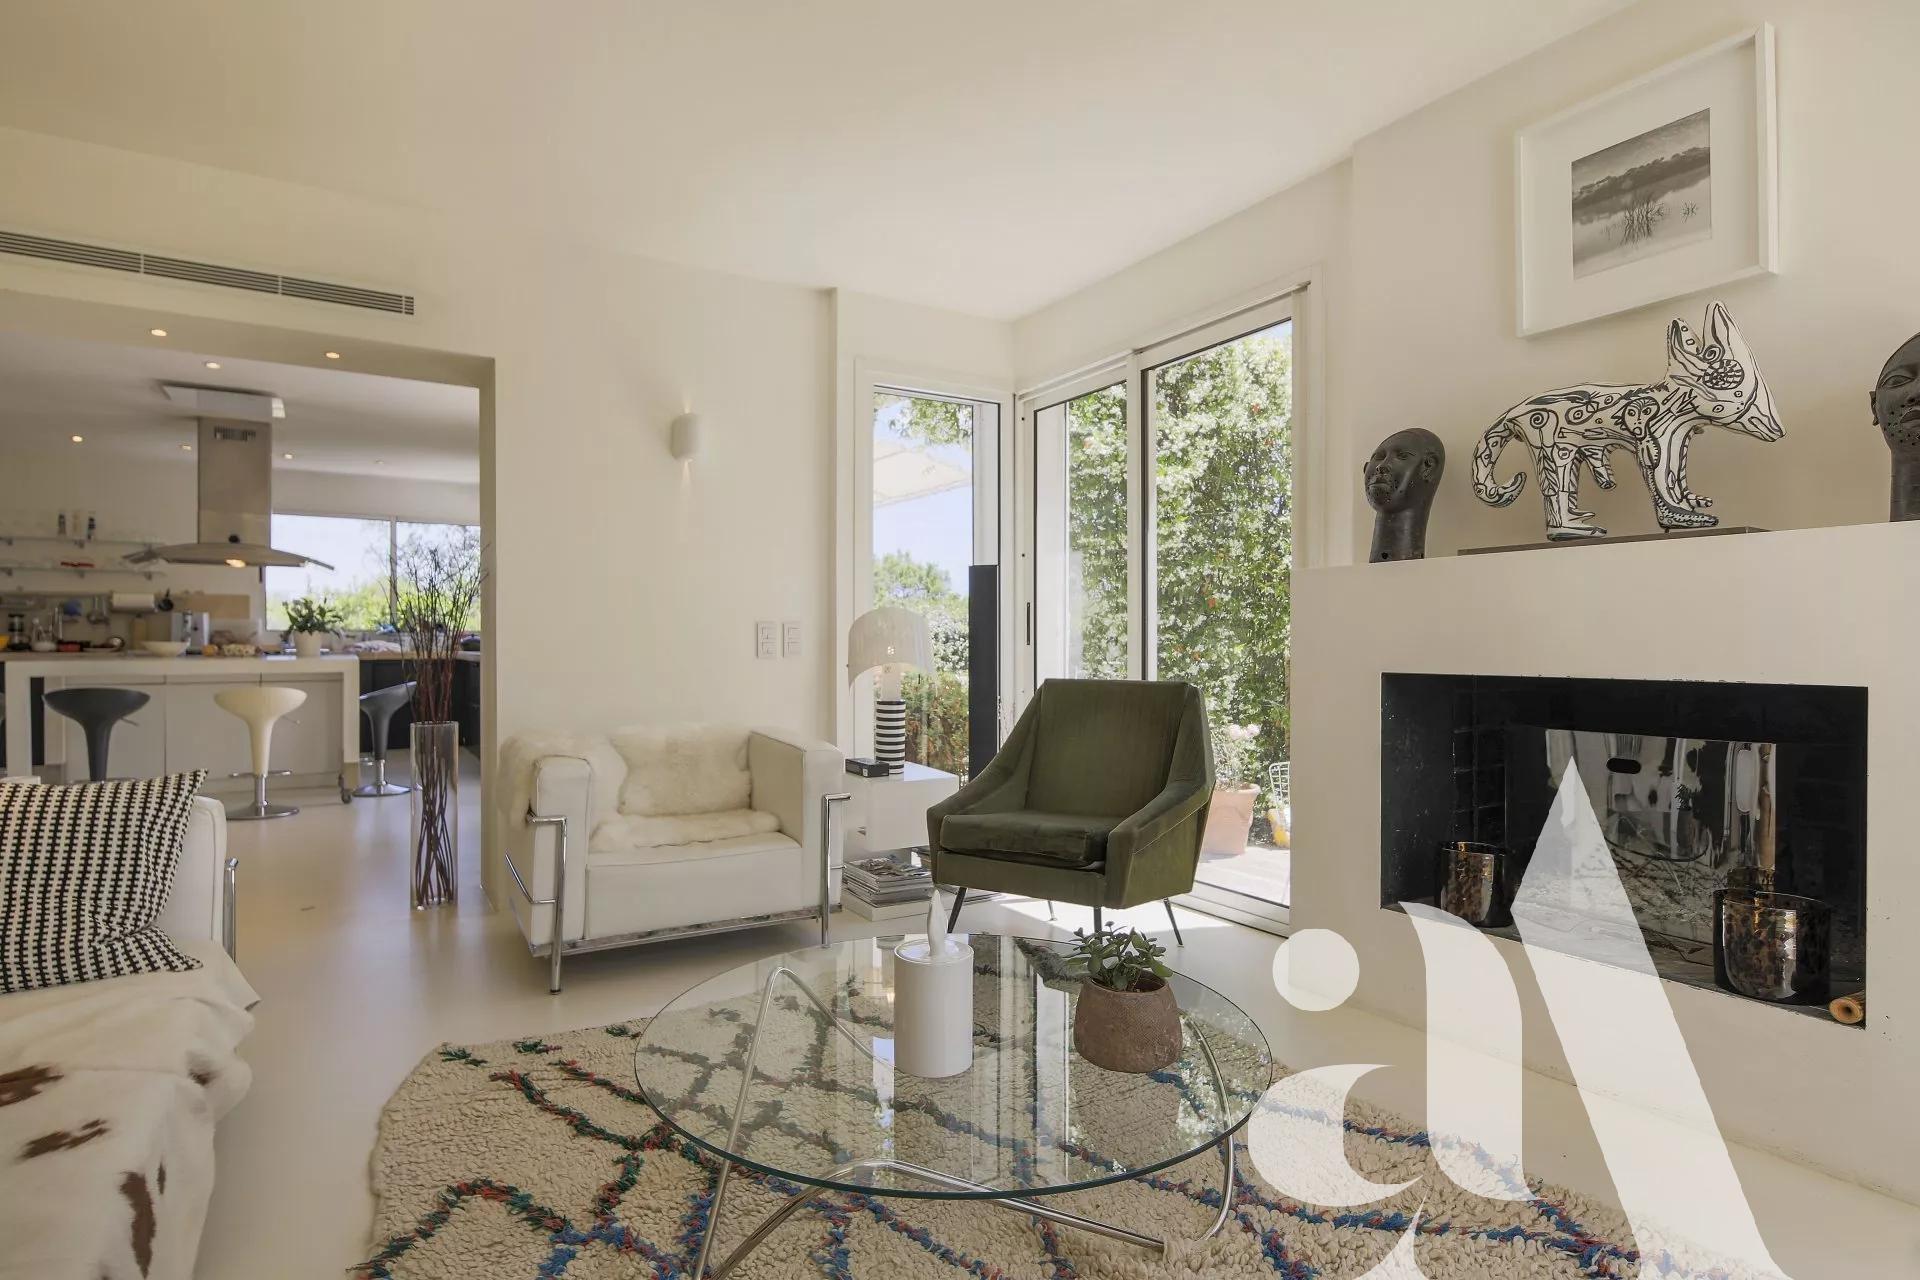 MAISON MEJEAN - SAINT-REMY DE PROVENCE - ALPILLES - 2 bedrooms  - 4 people